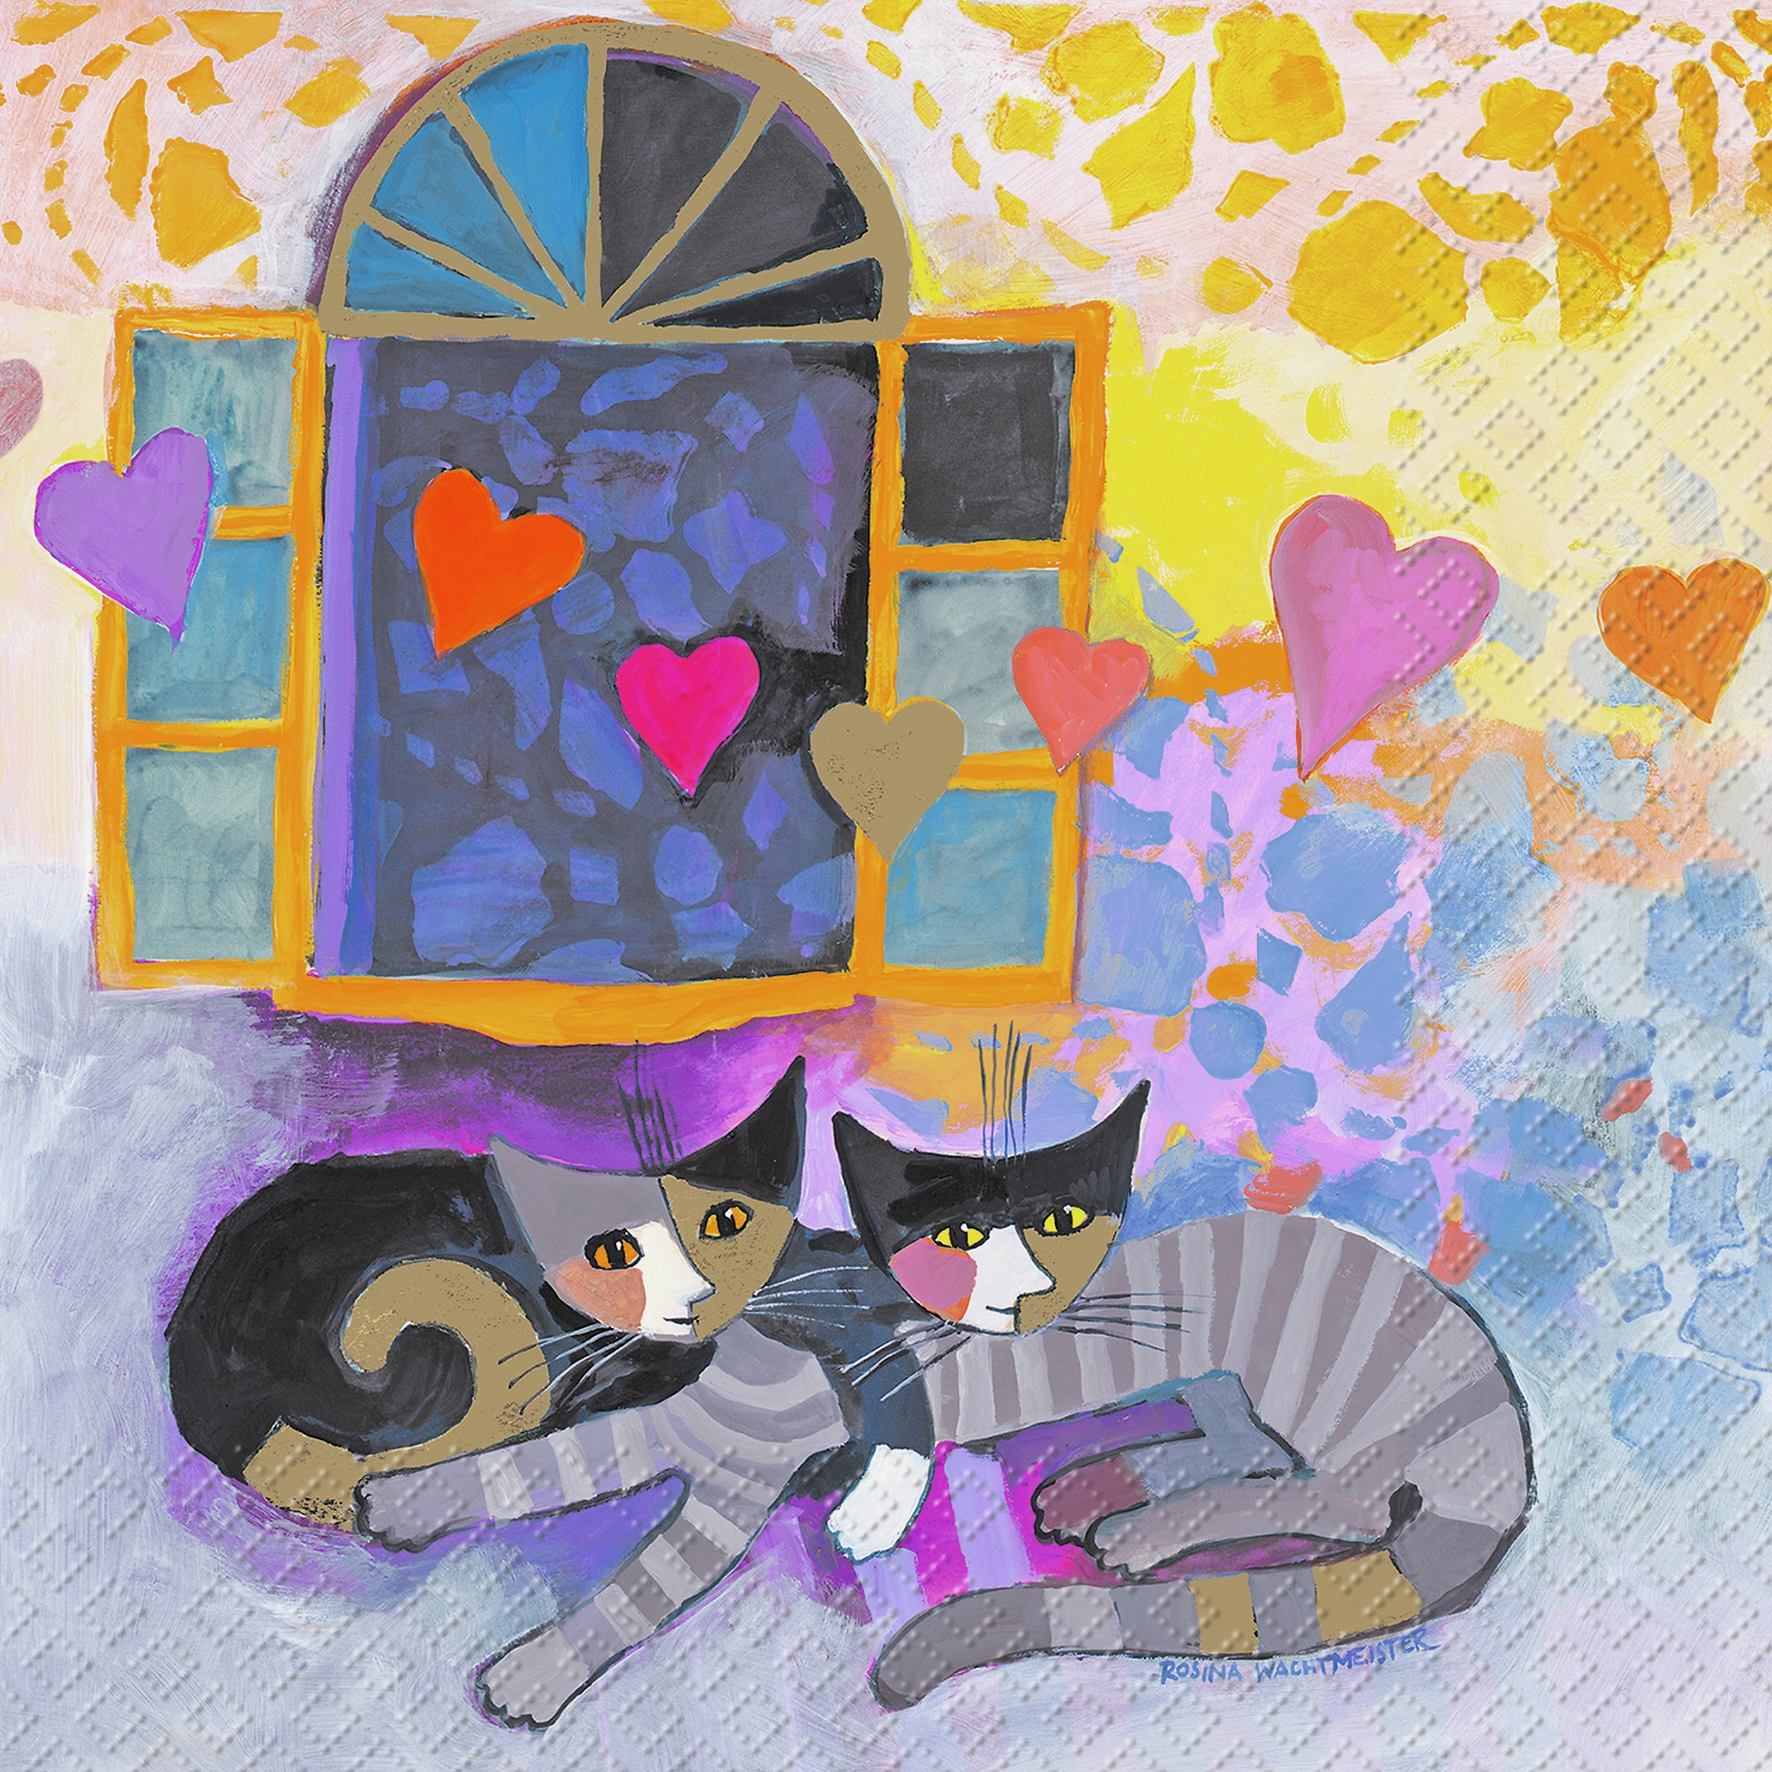 Gallery,  Tiere - Katzen,  Sonstiges - Bilder / Gemälde,  Everyday,  lunchservietten,  Katzen,  Herz